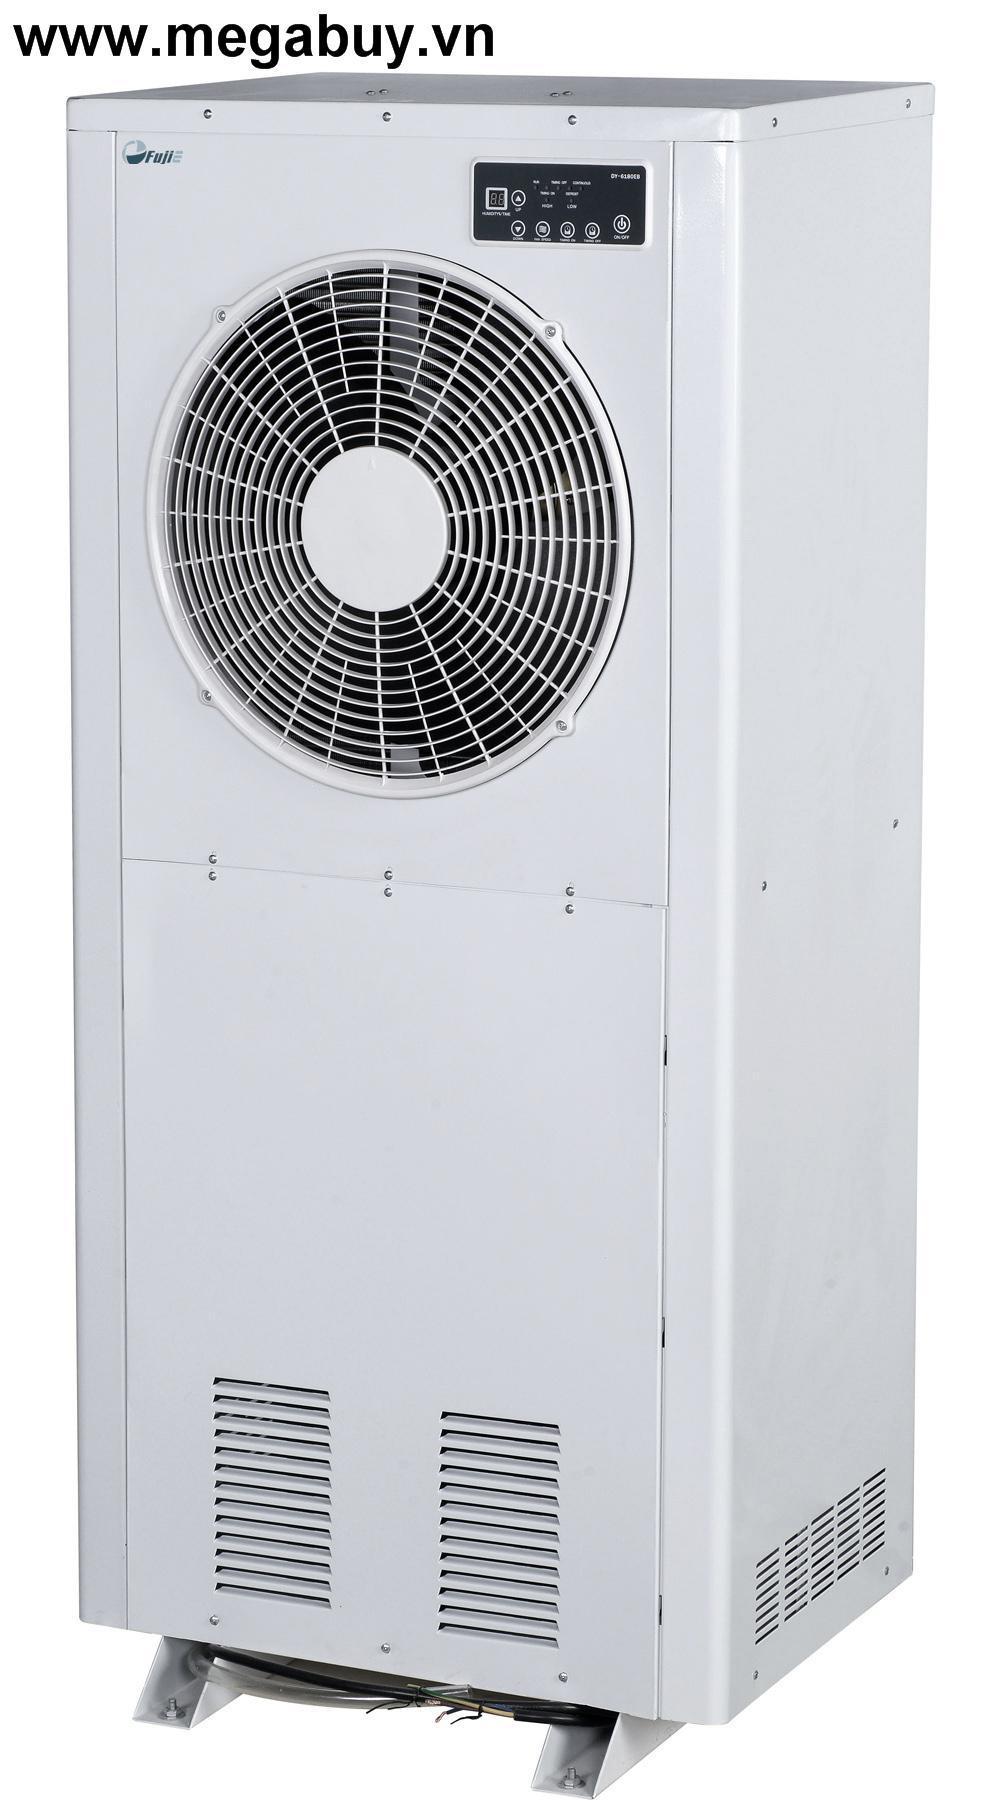 Máy hút ẩm công nghiệp FujiE HM-6180EB (Trắng)